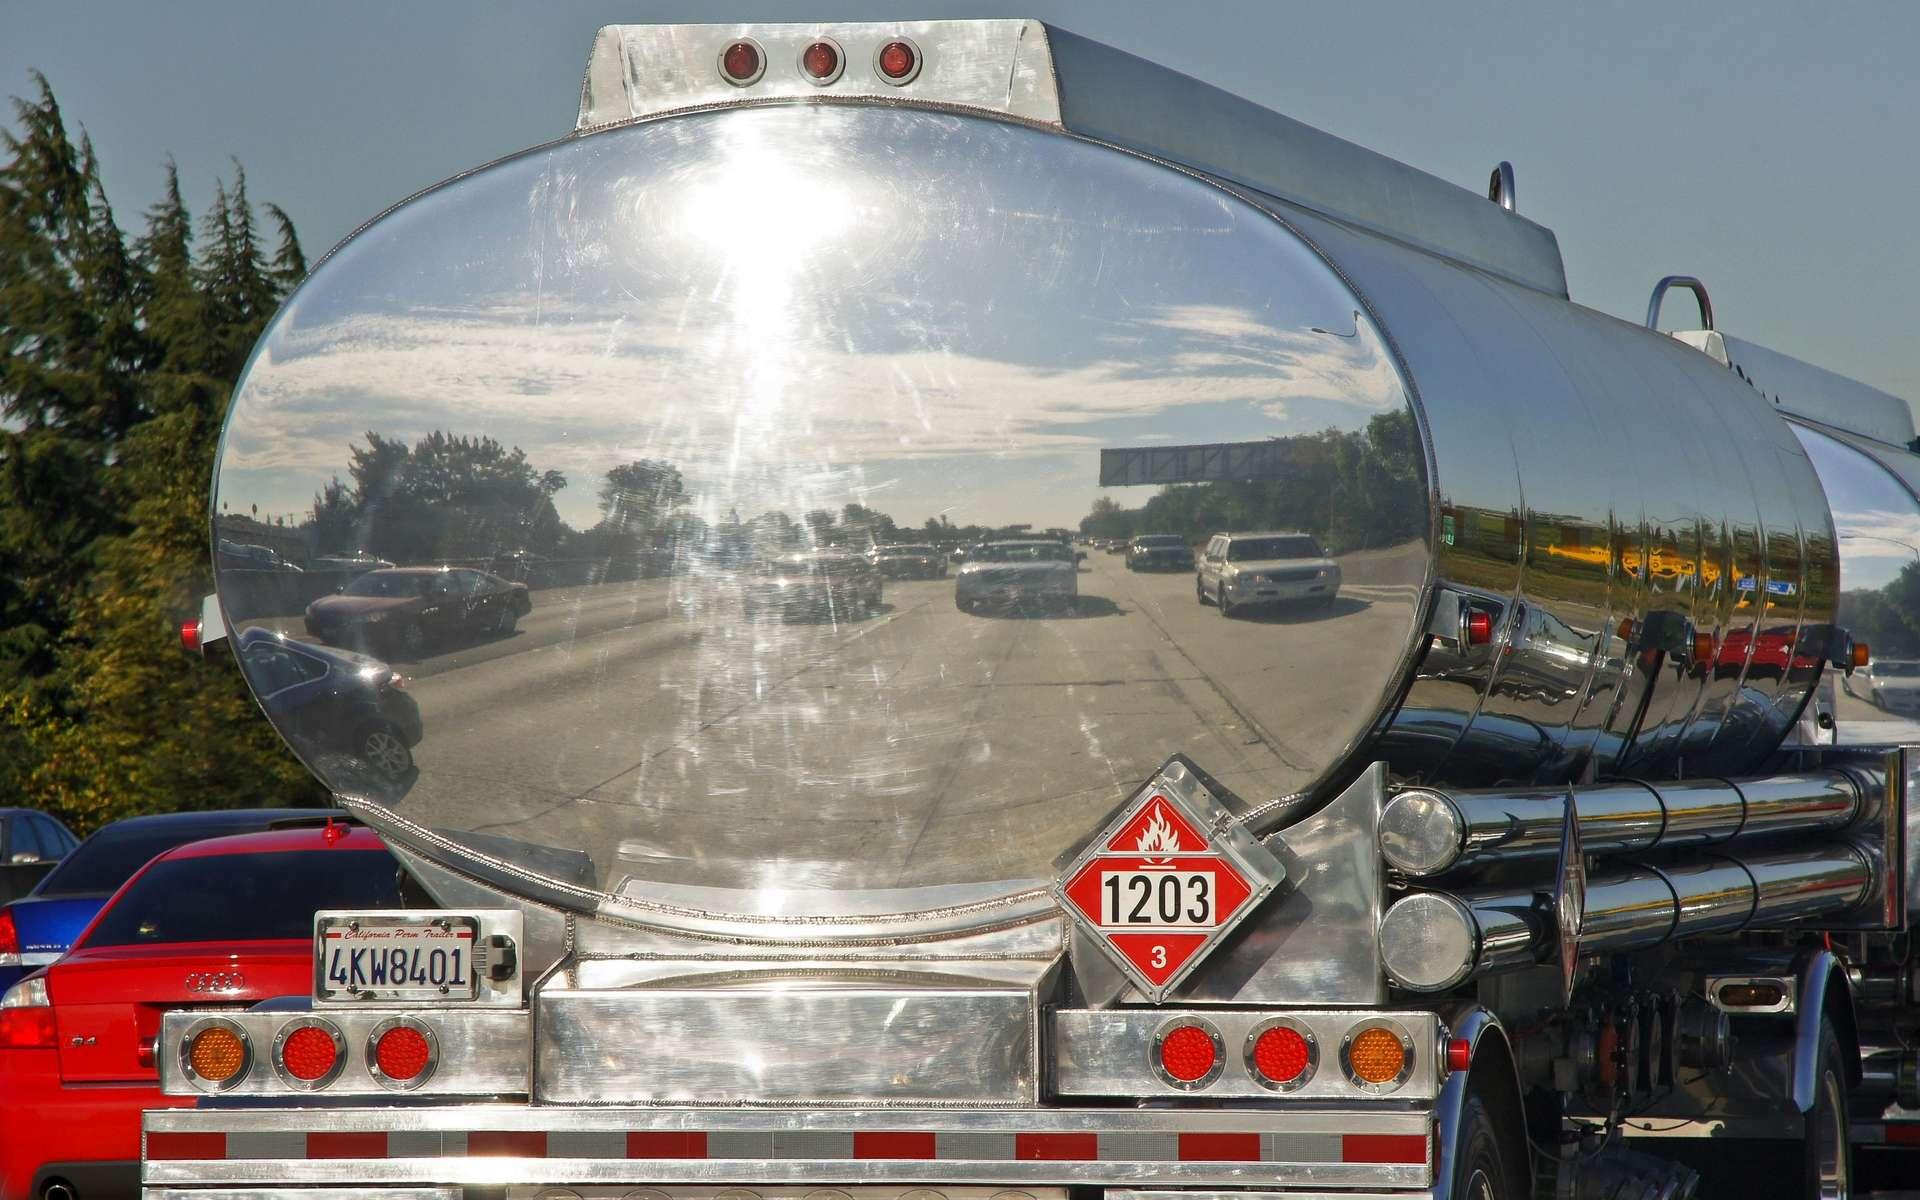 Camion-citerne transportant des produits inflammables. Le transport de matières dangereuses est soumis à une réglementation stricte. © besopha, Wikimedia Commons, cc by sa 3.0